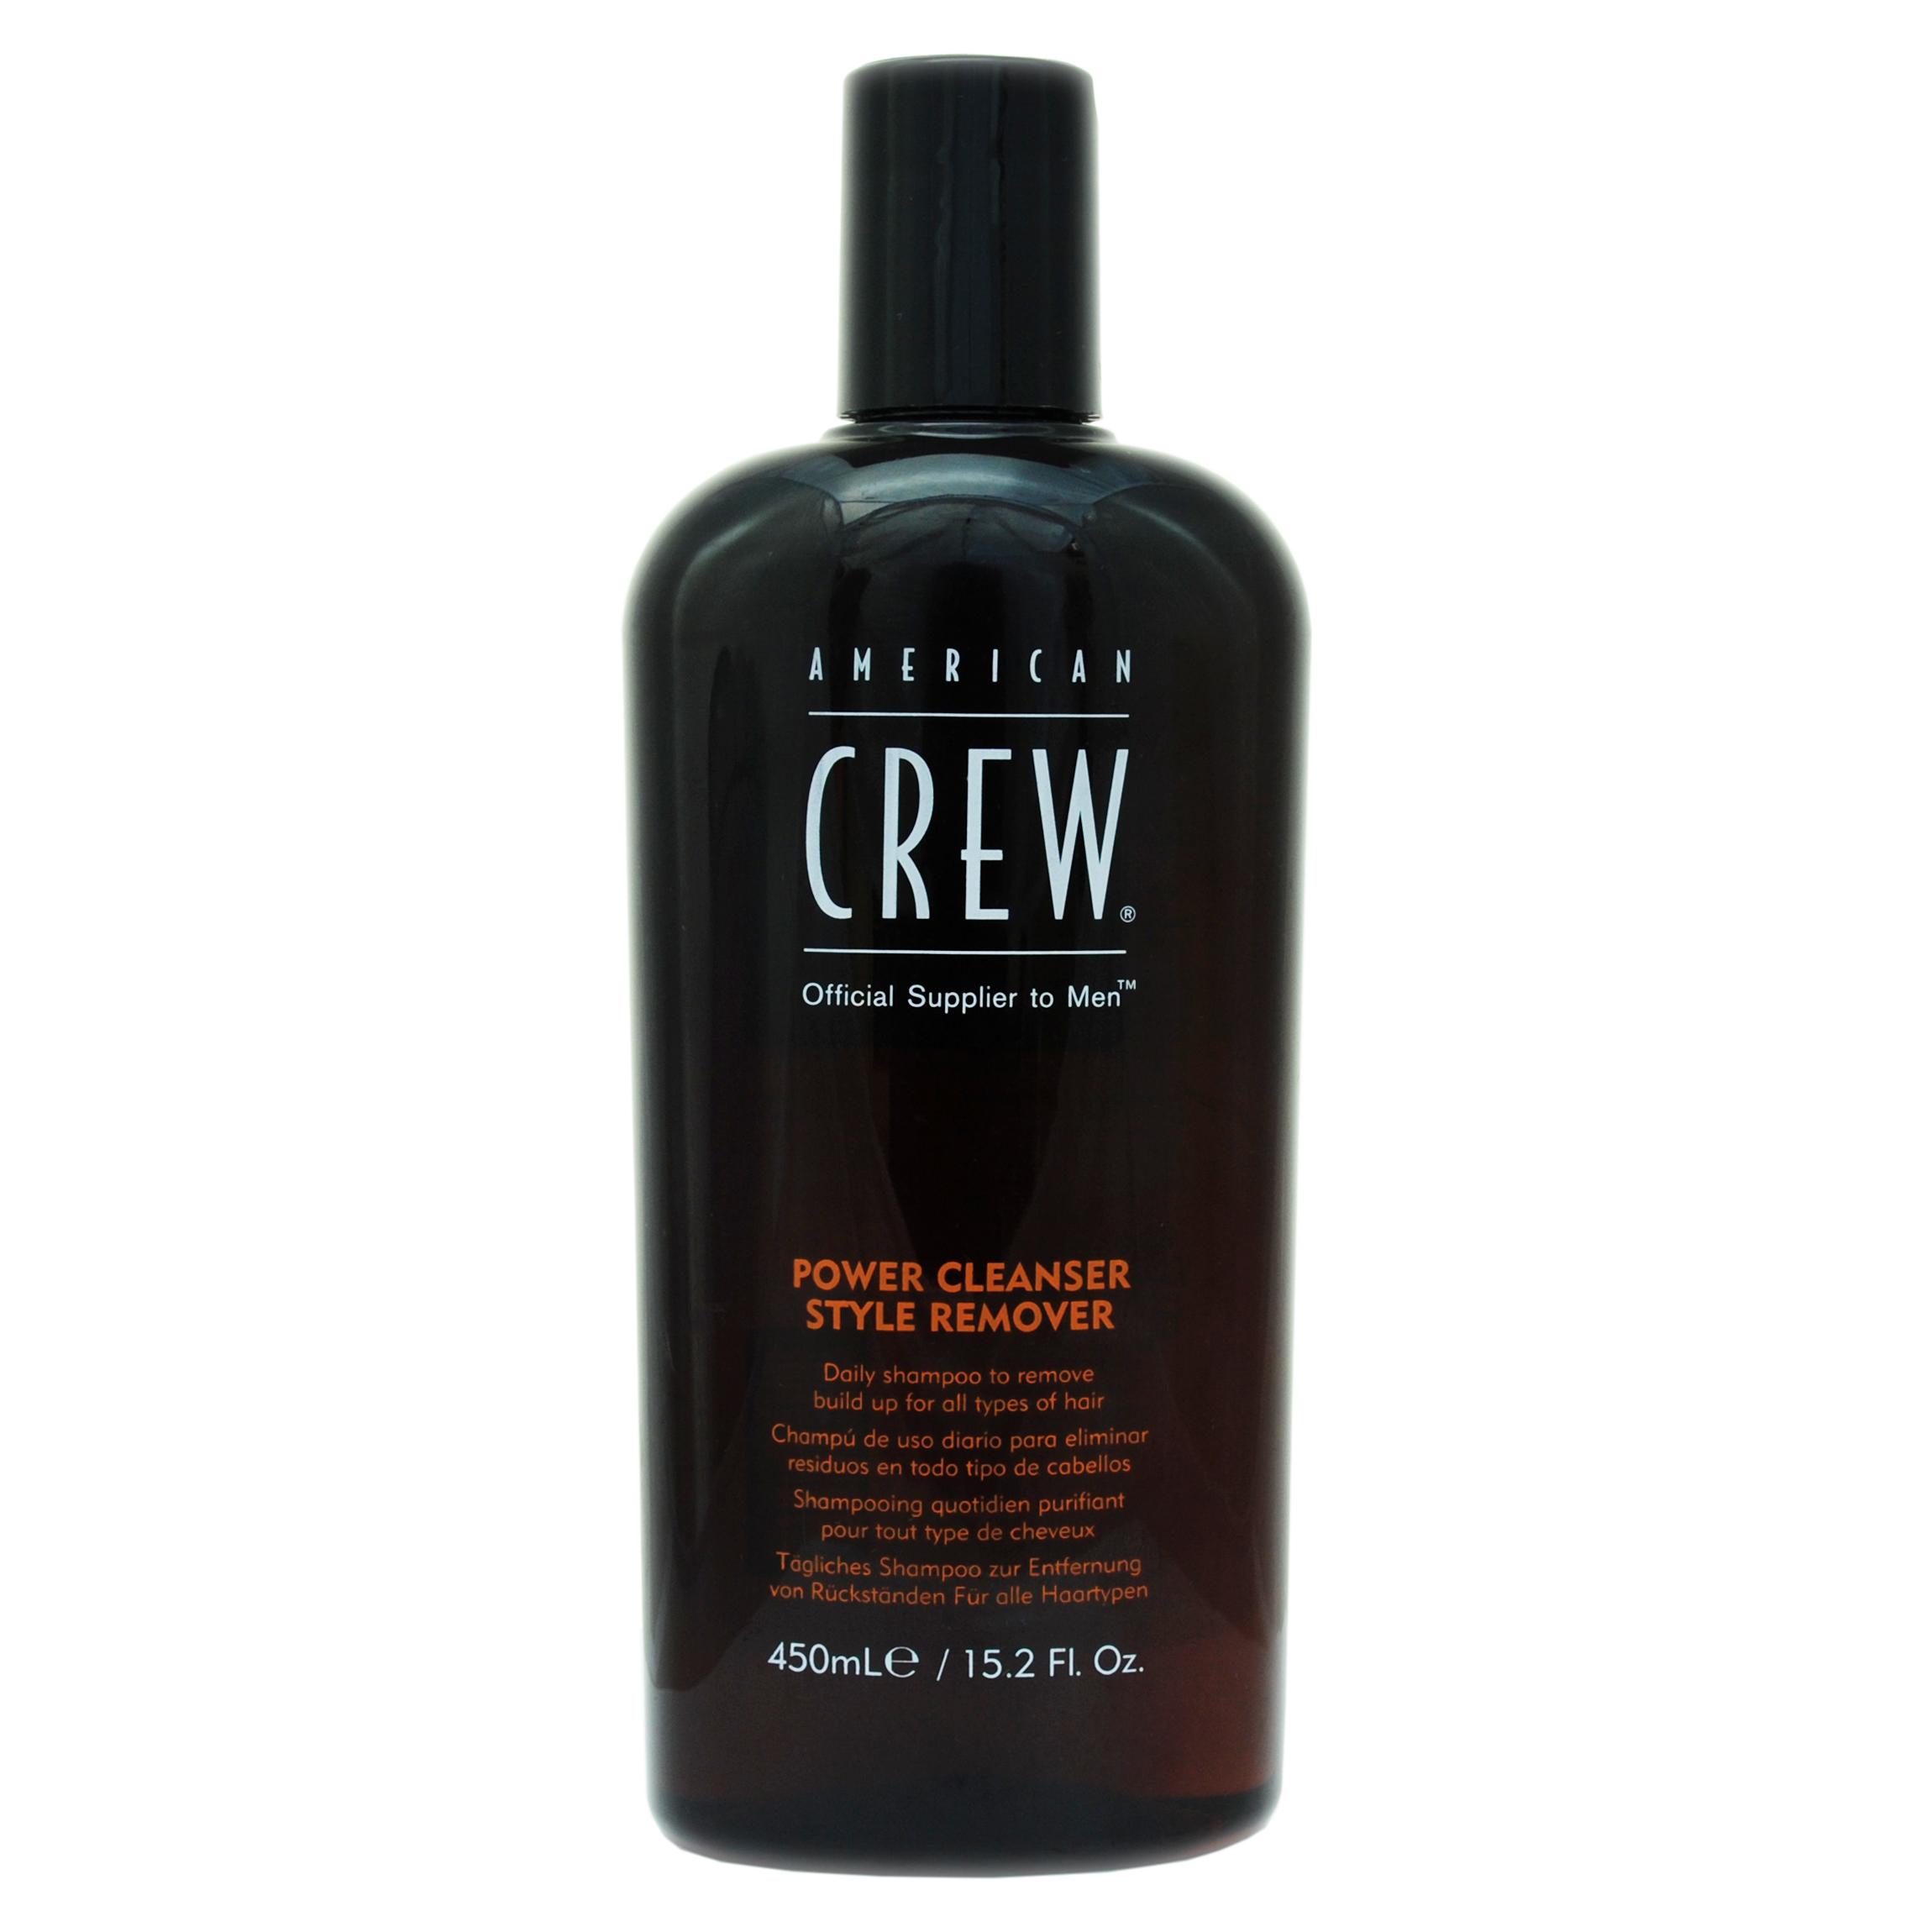 American Crew Шампунь для ежедневного ухода, очищающий волосы от укладочных средств 450 мл (American Crew, Для тела и волос) american crew power cleanser style remover ежедневный очищающий шампунь 250 мл american crew для тела и волос